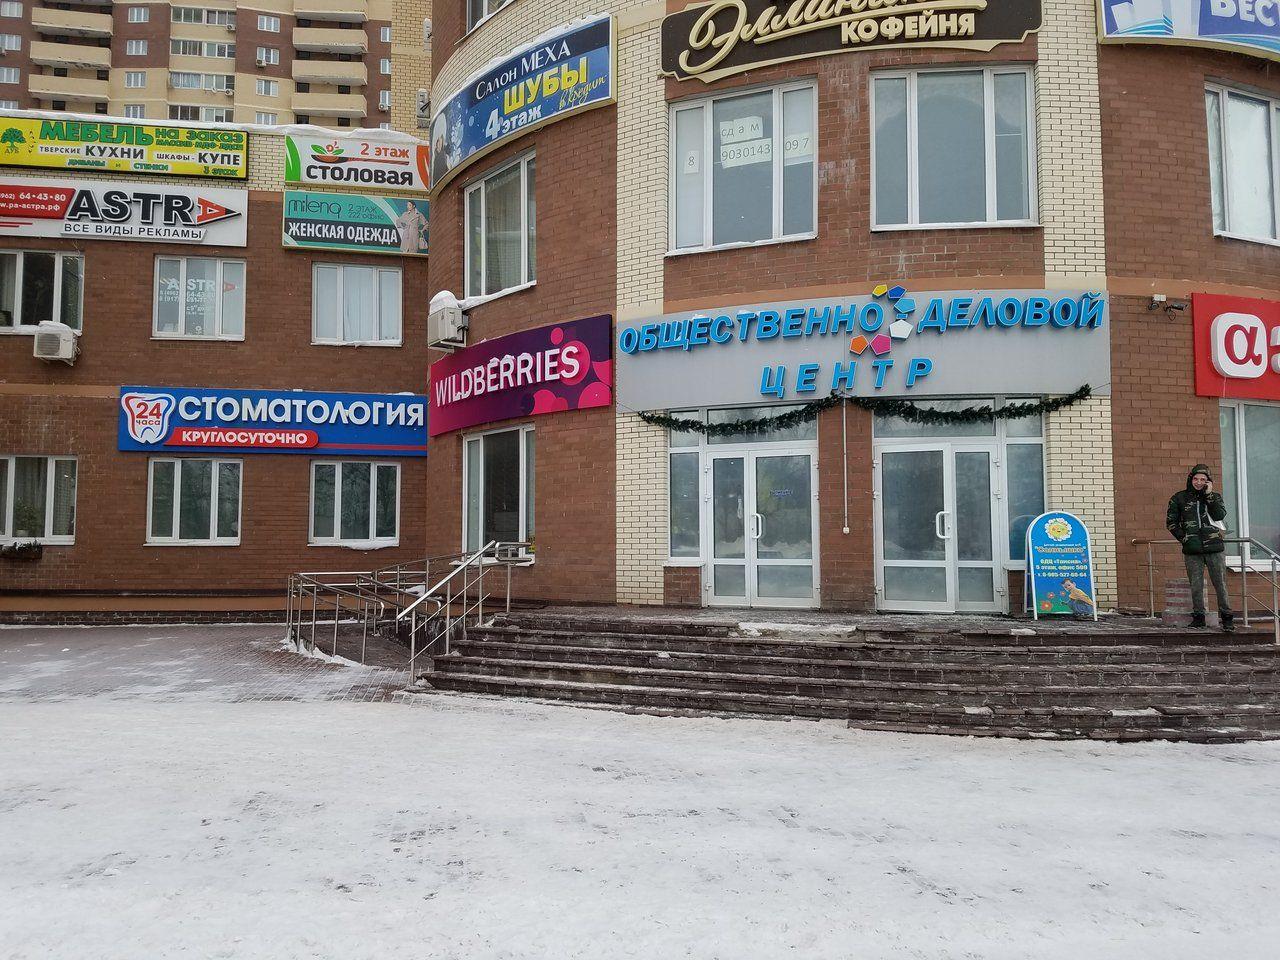 Бизнес Центр Таисия